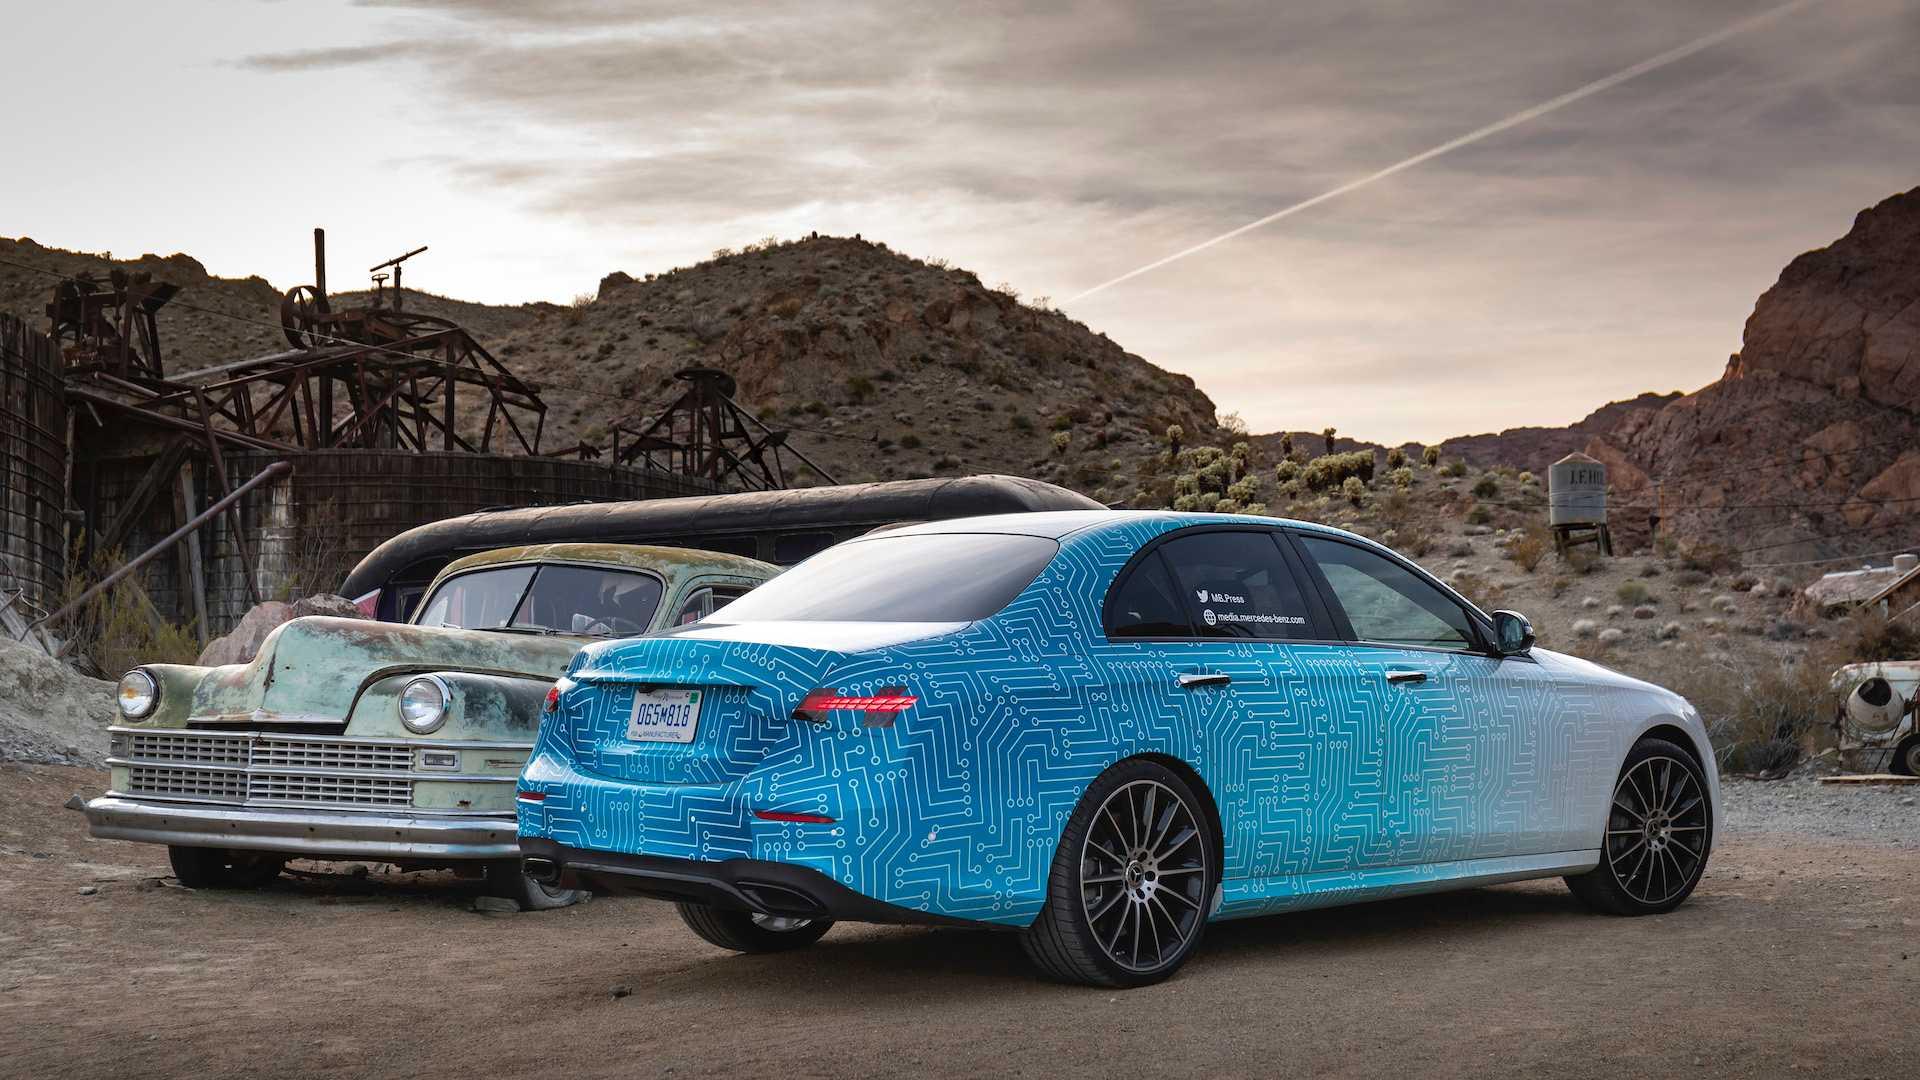 Hé lộ hình ảnh Mercedes-Benz E-Class facelift, thiết kế và động cơ mới - 07